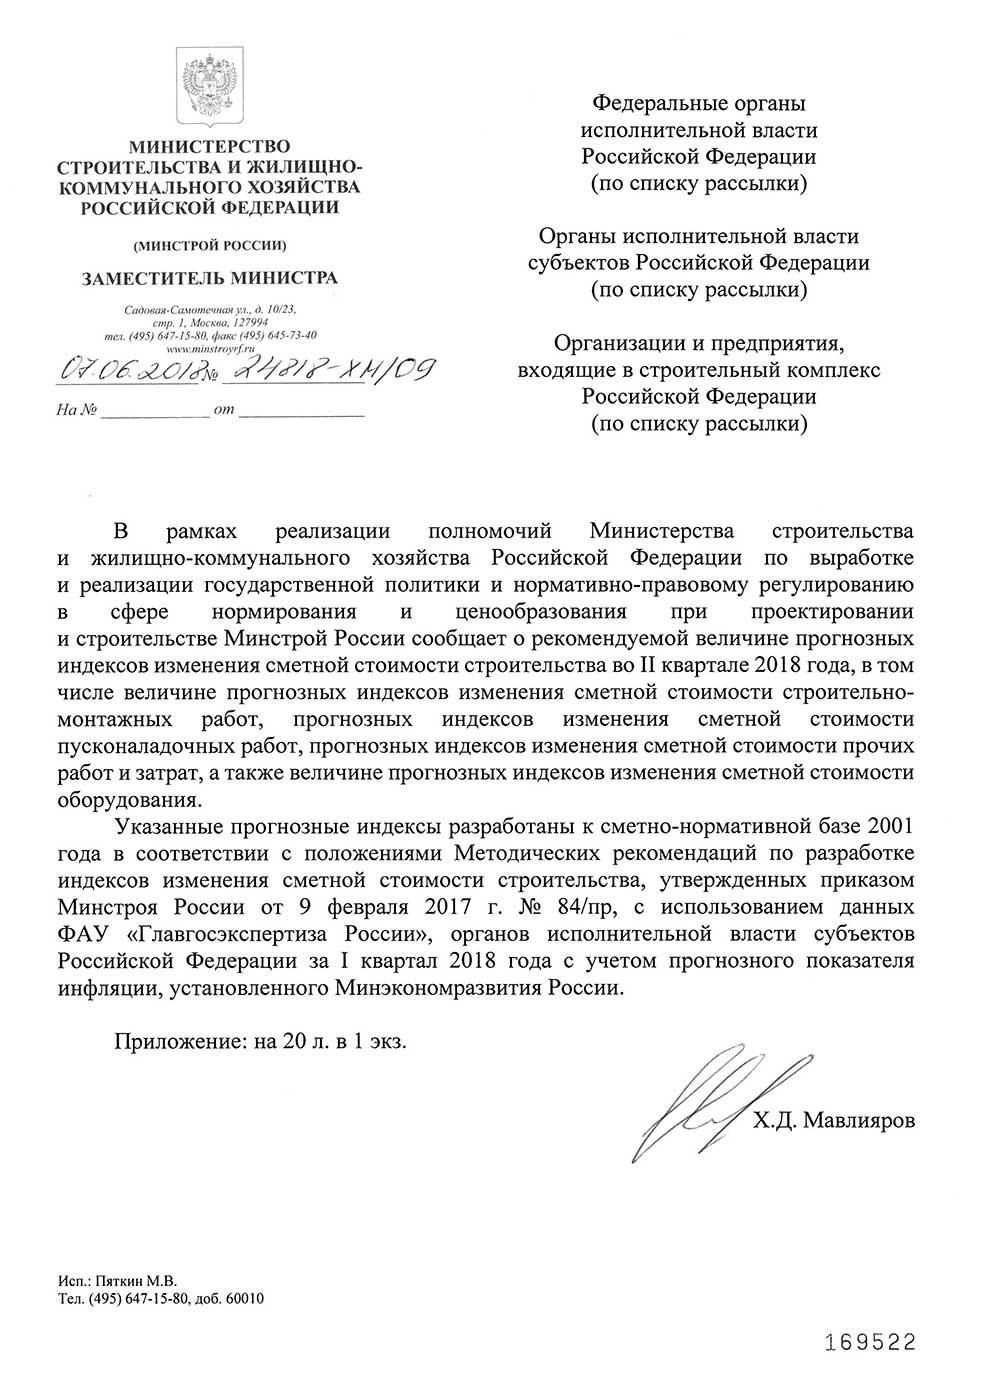 Заказное письмо смоленск